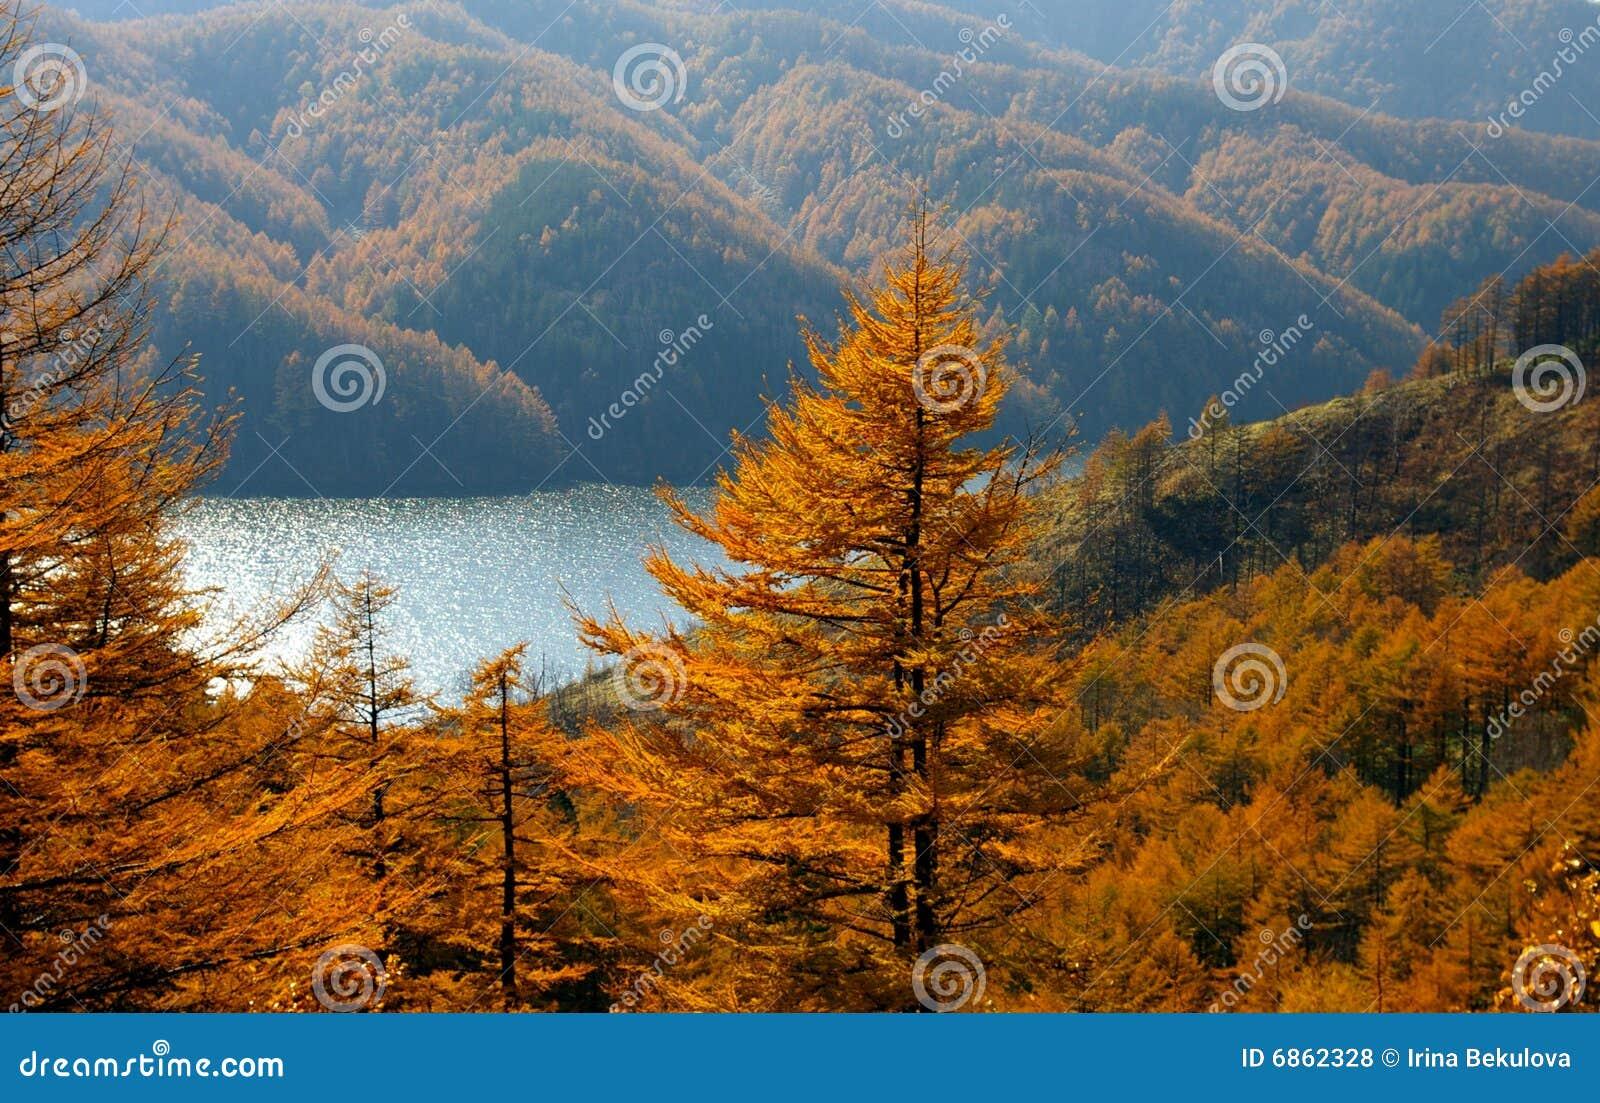 гора лиственниц озера осени